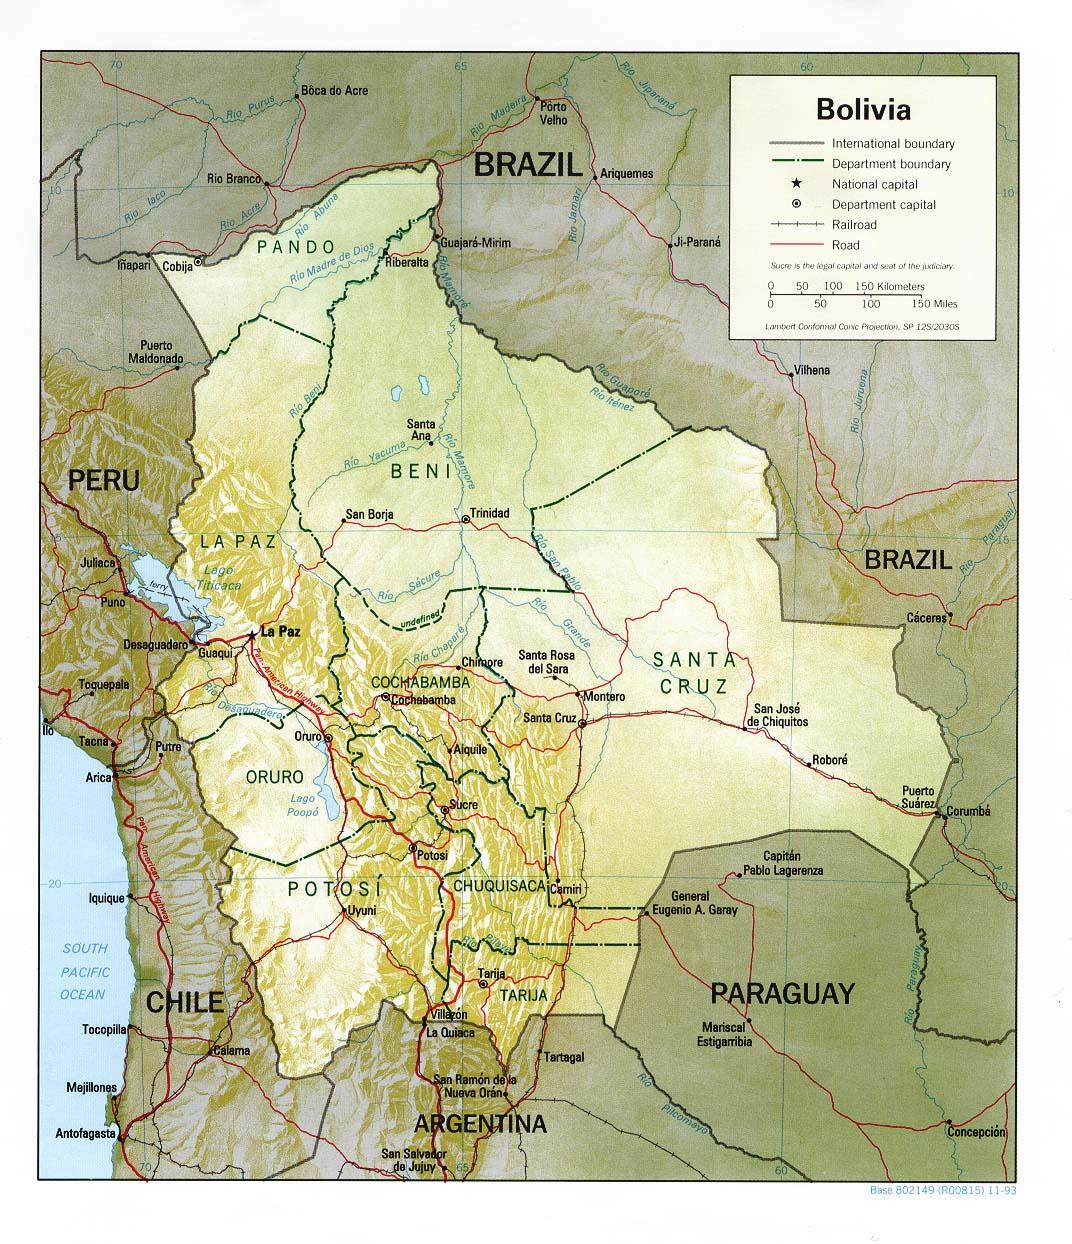 CAFETERAS INDUSTRIALES en BOLIVIA - iGlobal